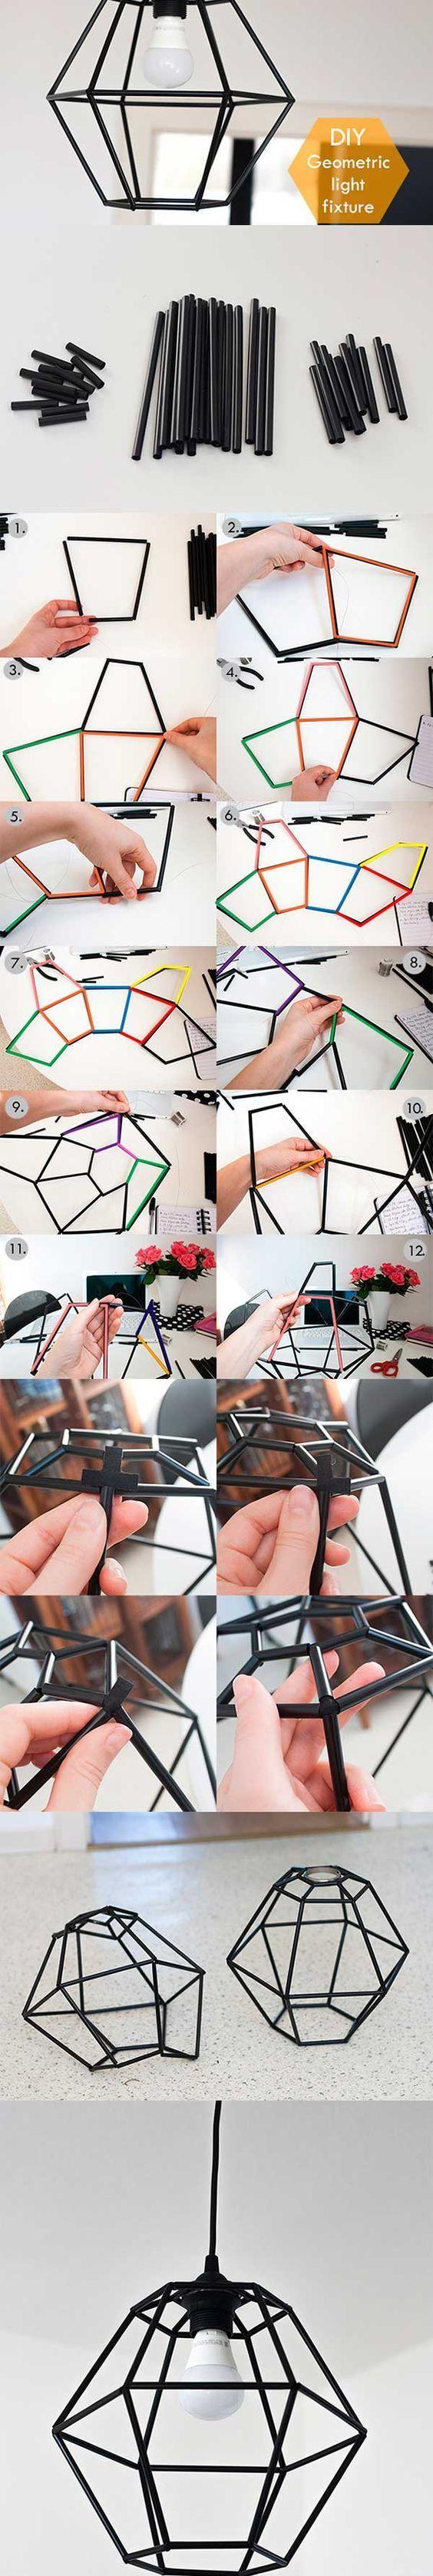 Ideia criativa para deixar sua casa mais bonita! ❤